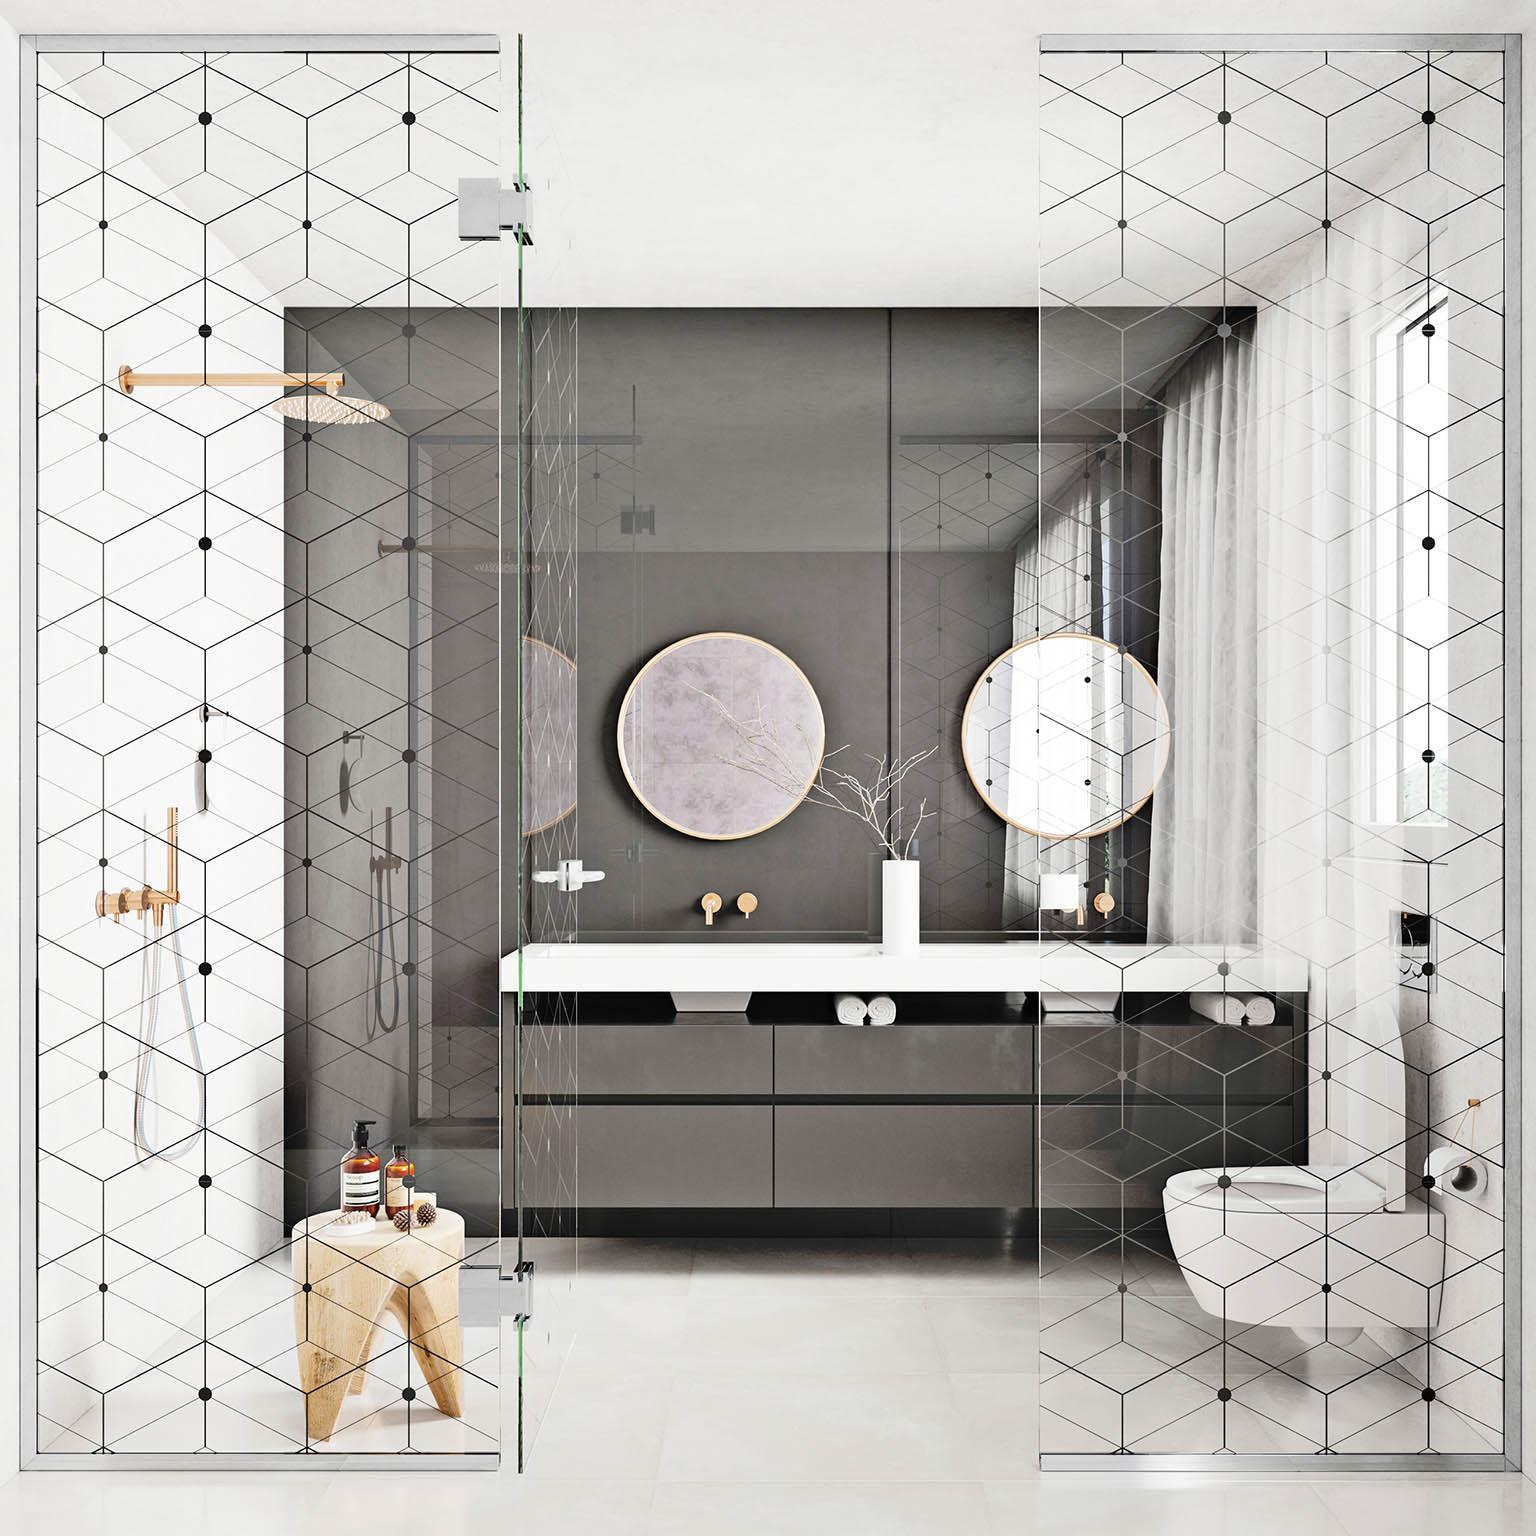 Průhledné aprůsvitné materiály interiér opticky zvětšují.